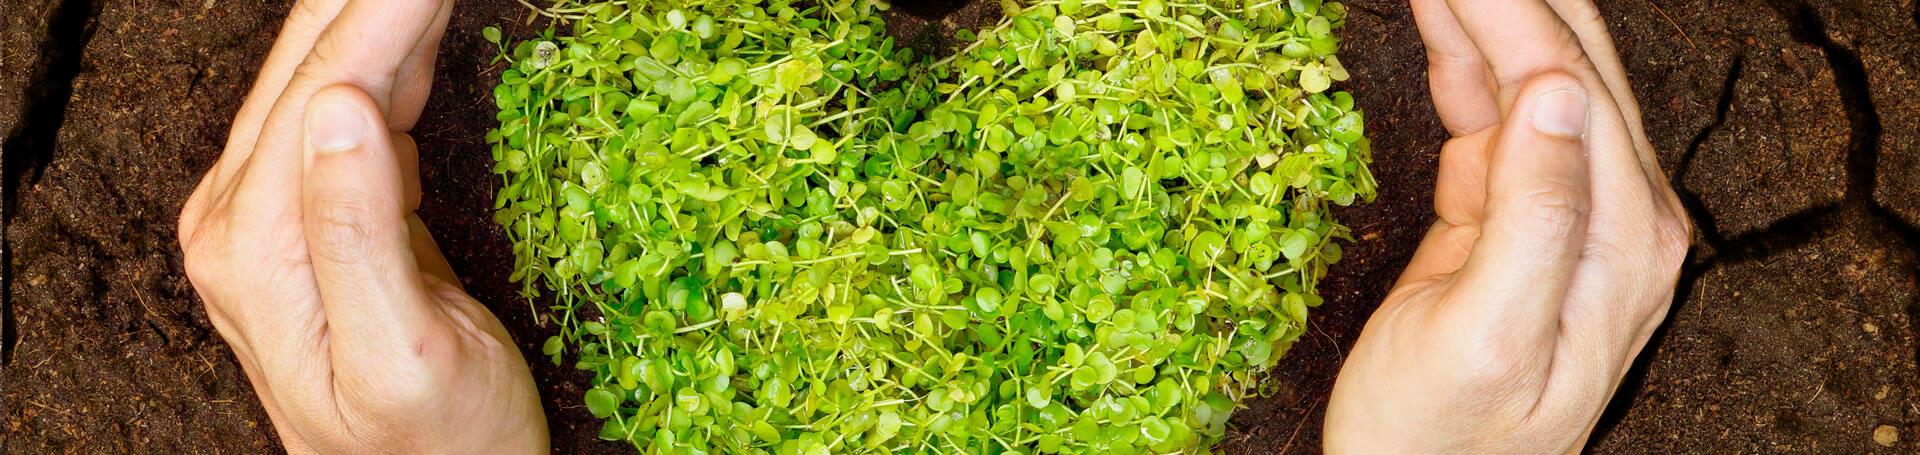 greenvillagecesenatico en services-green 009